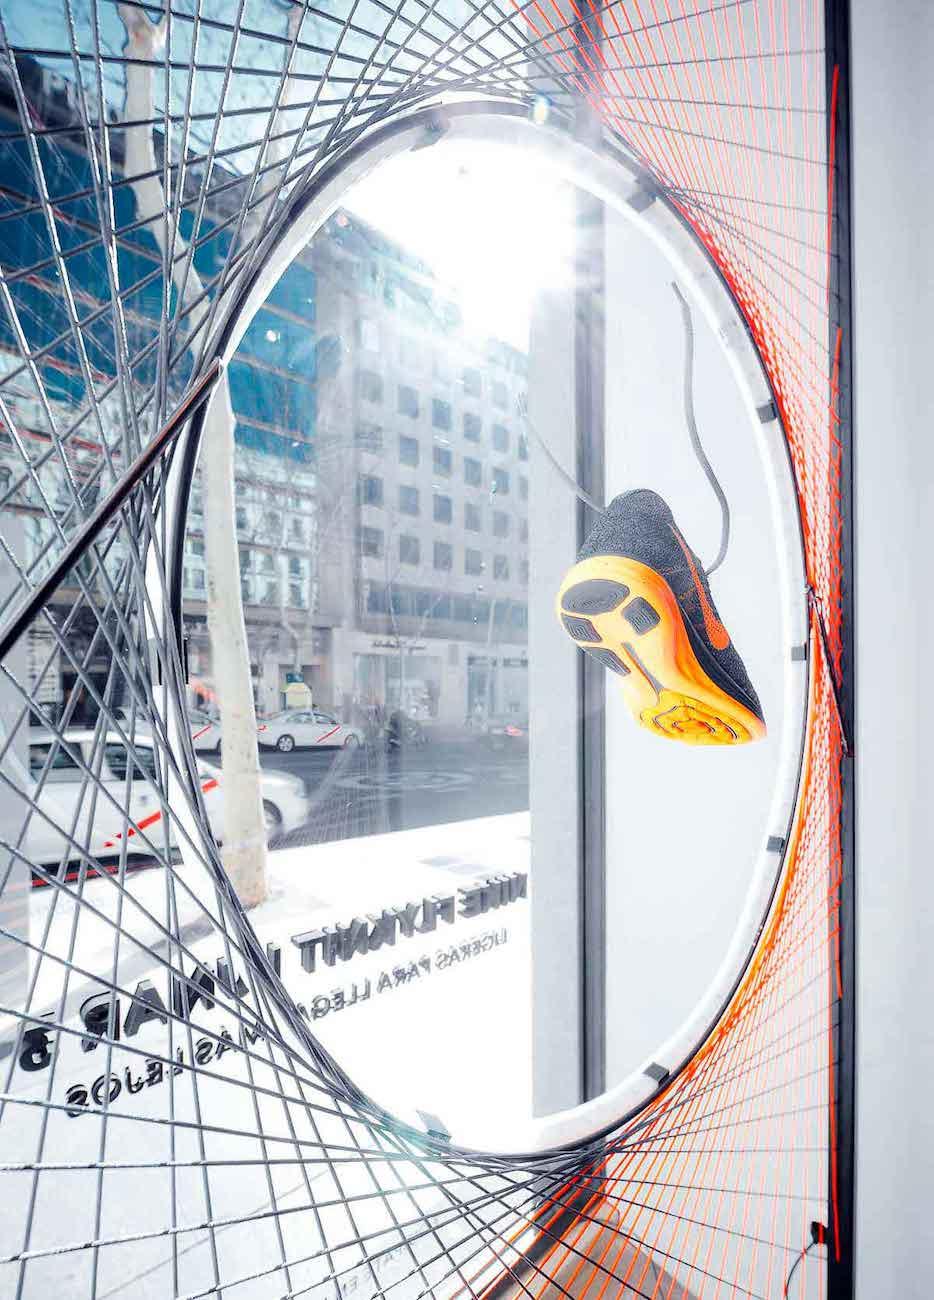 Escaparate con estructura metalica con hilos y neón tienda Nike en Madrid